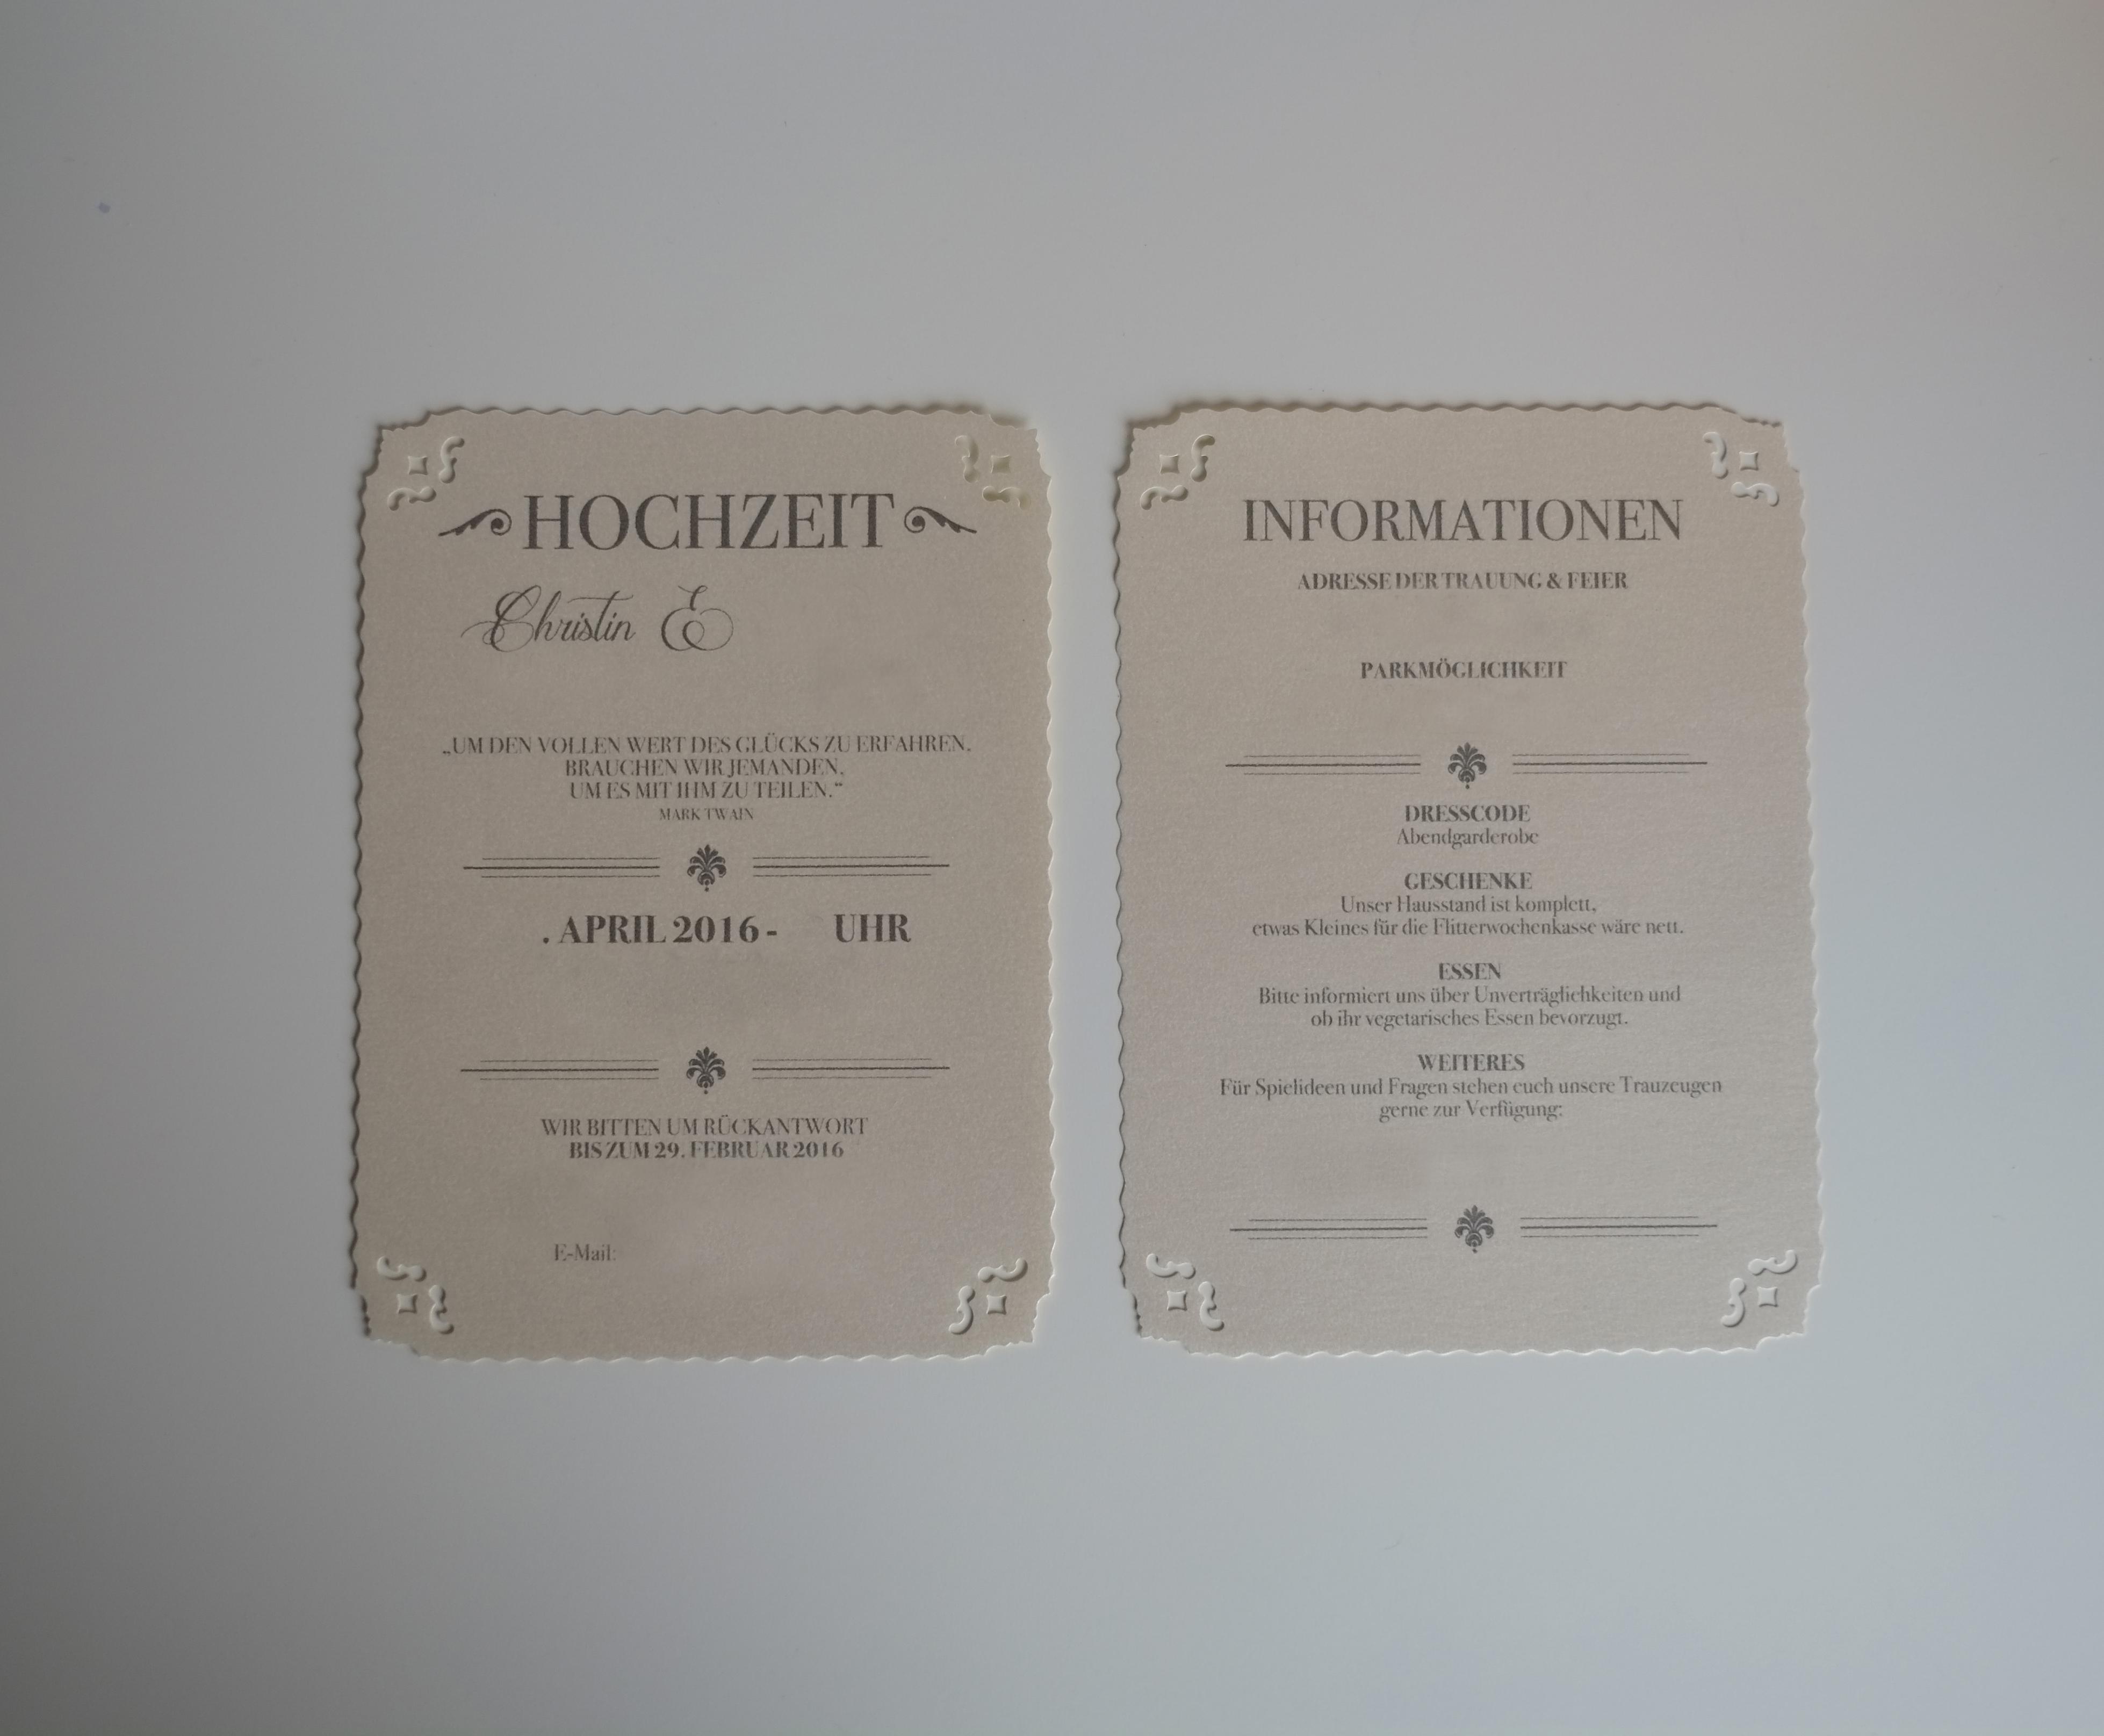 Hochzeit Einladung Vintage Vorlagen